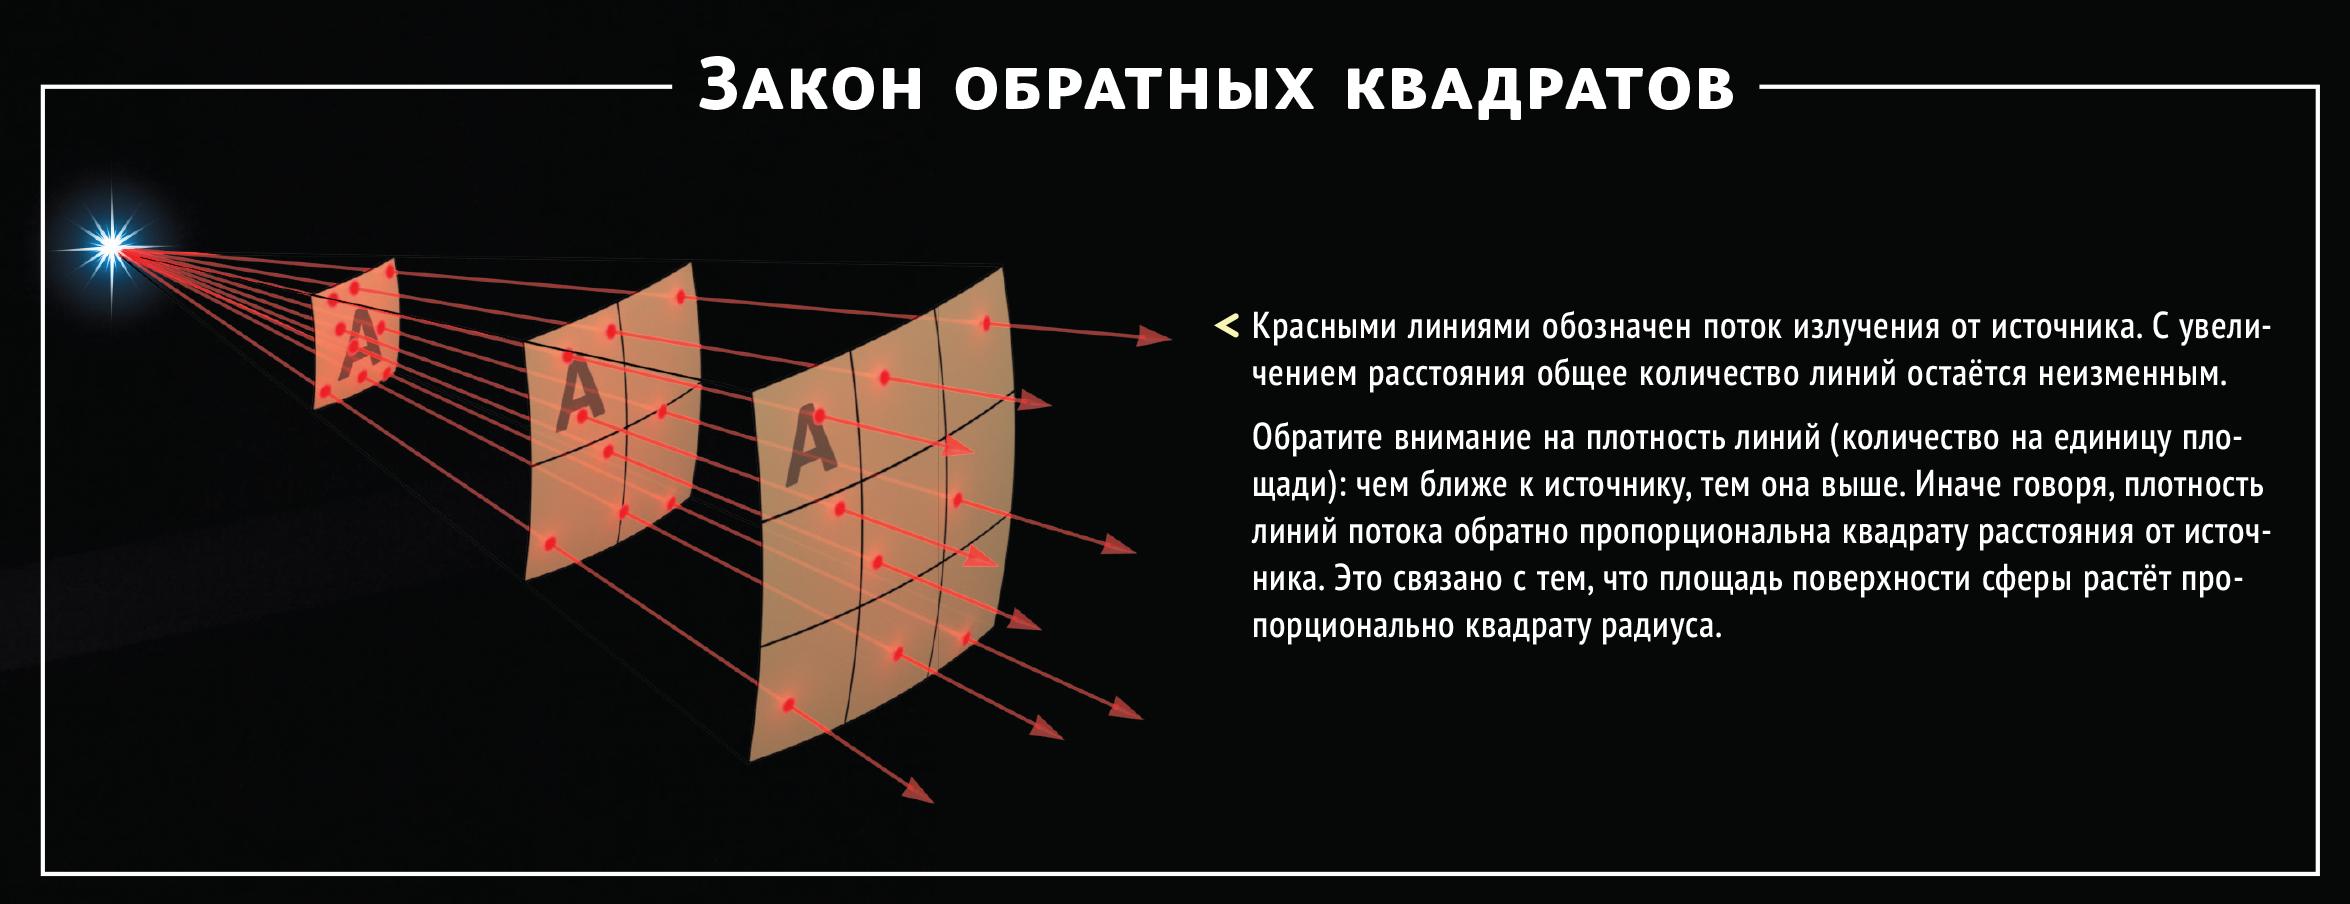 Гравитационный парадокс — википедия. что такое гравитационный парадокс